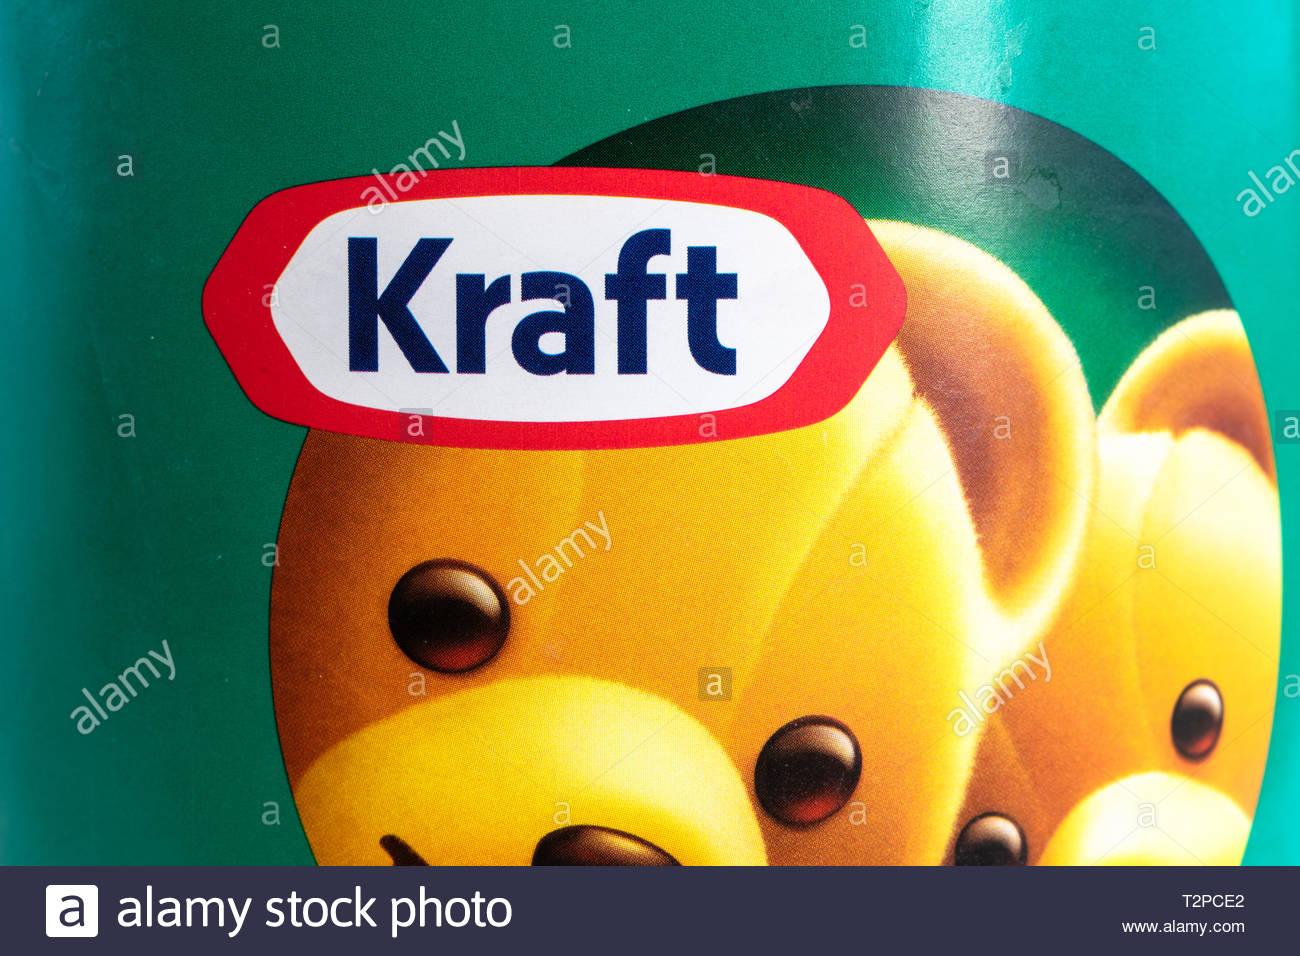 Kraft nome del marchio etichetta in un contenitore di burro di arachidi. Immagini Stock